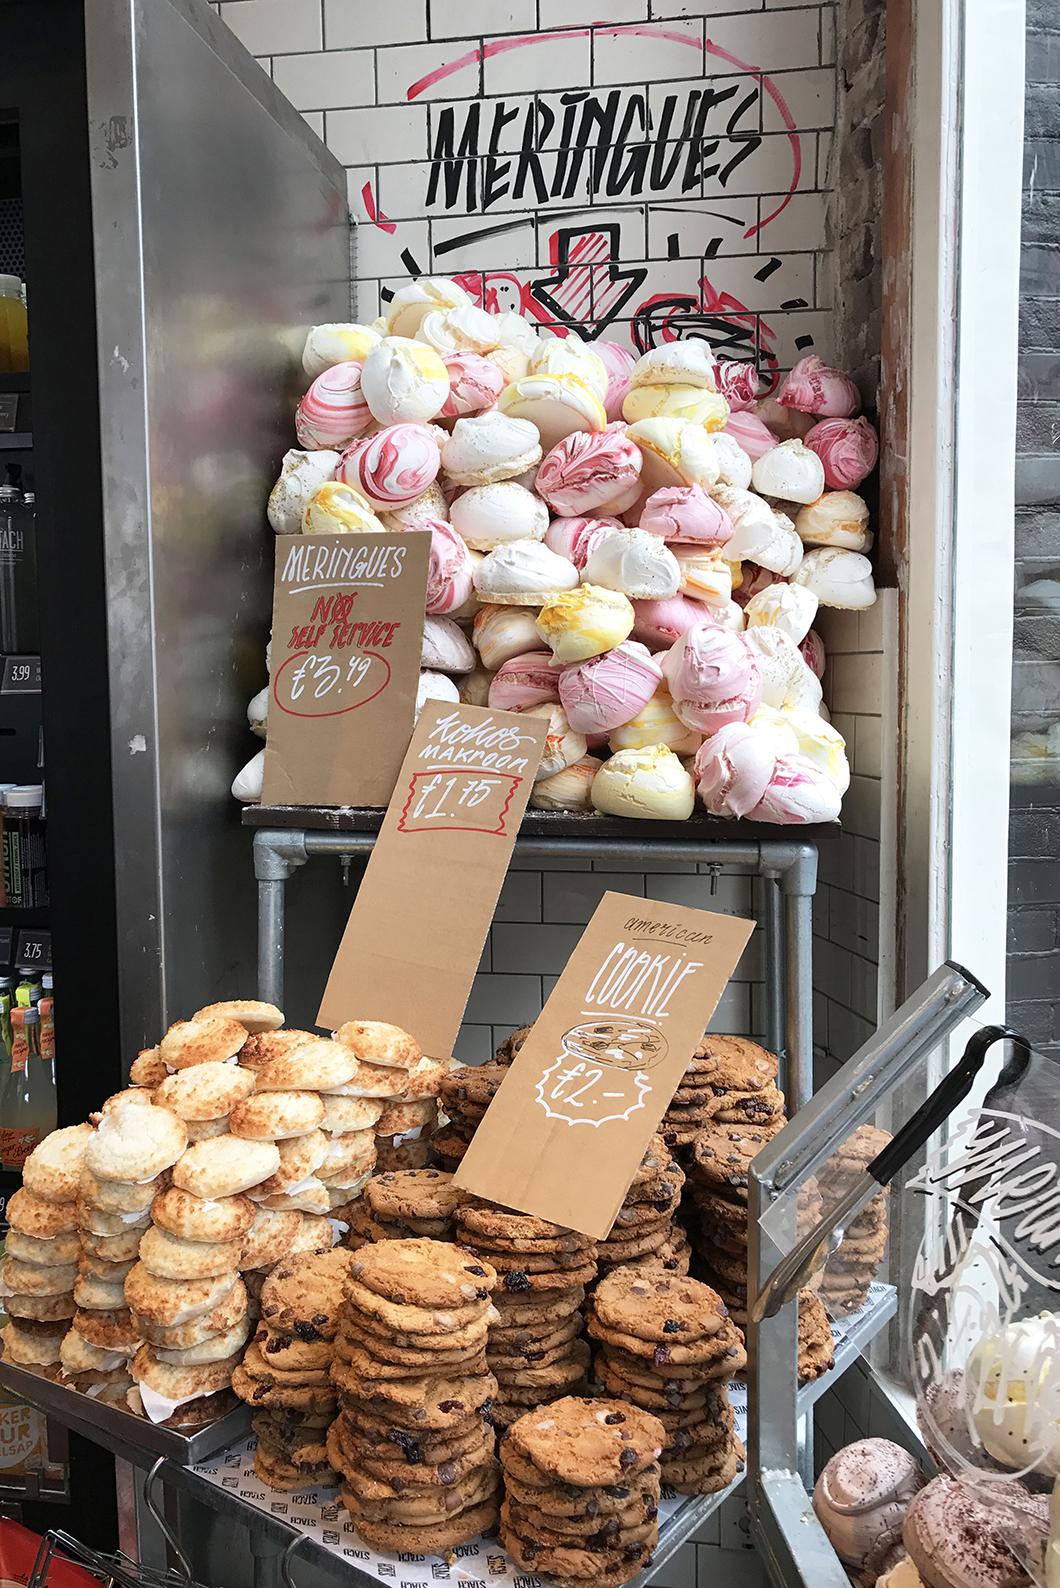 Stach - épicerie à Amsterdam